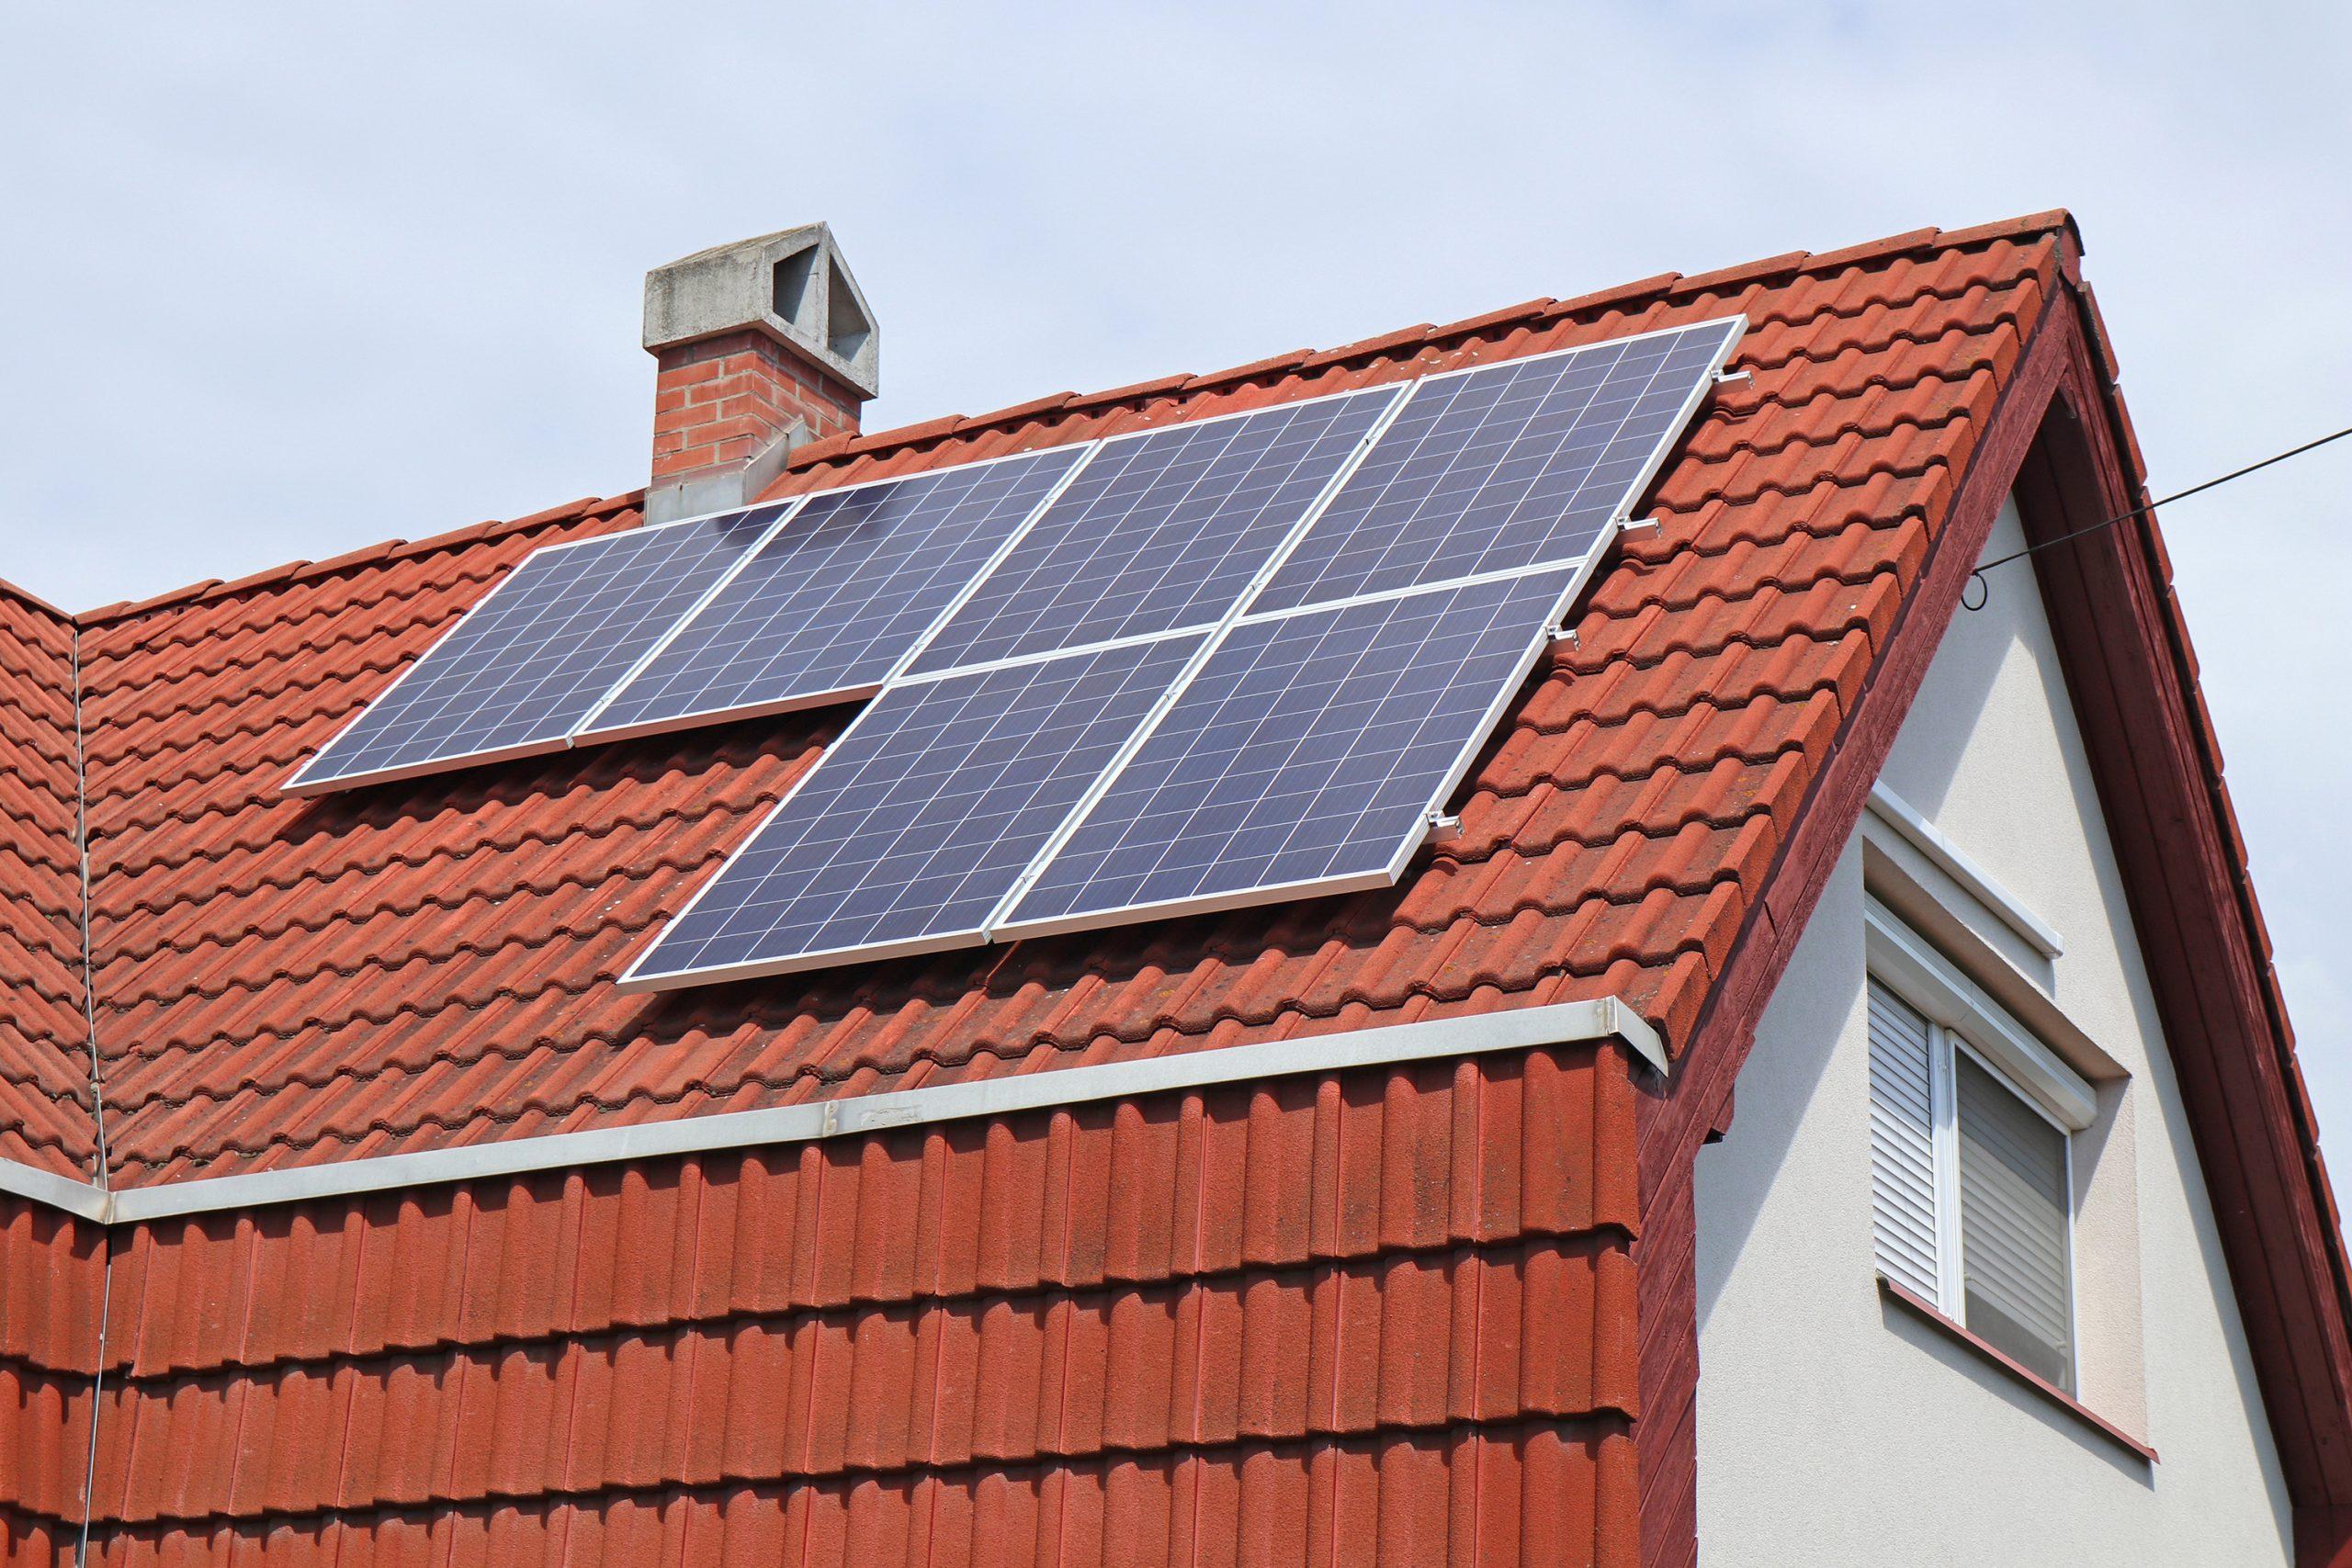 Alles wat je moet weten over vervanging van subsidie zonnepanelen